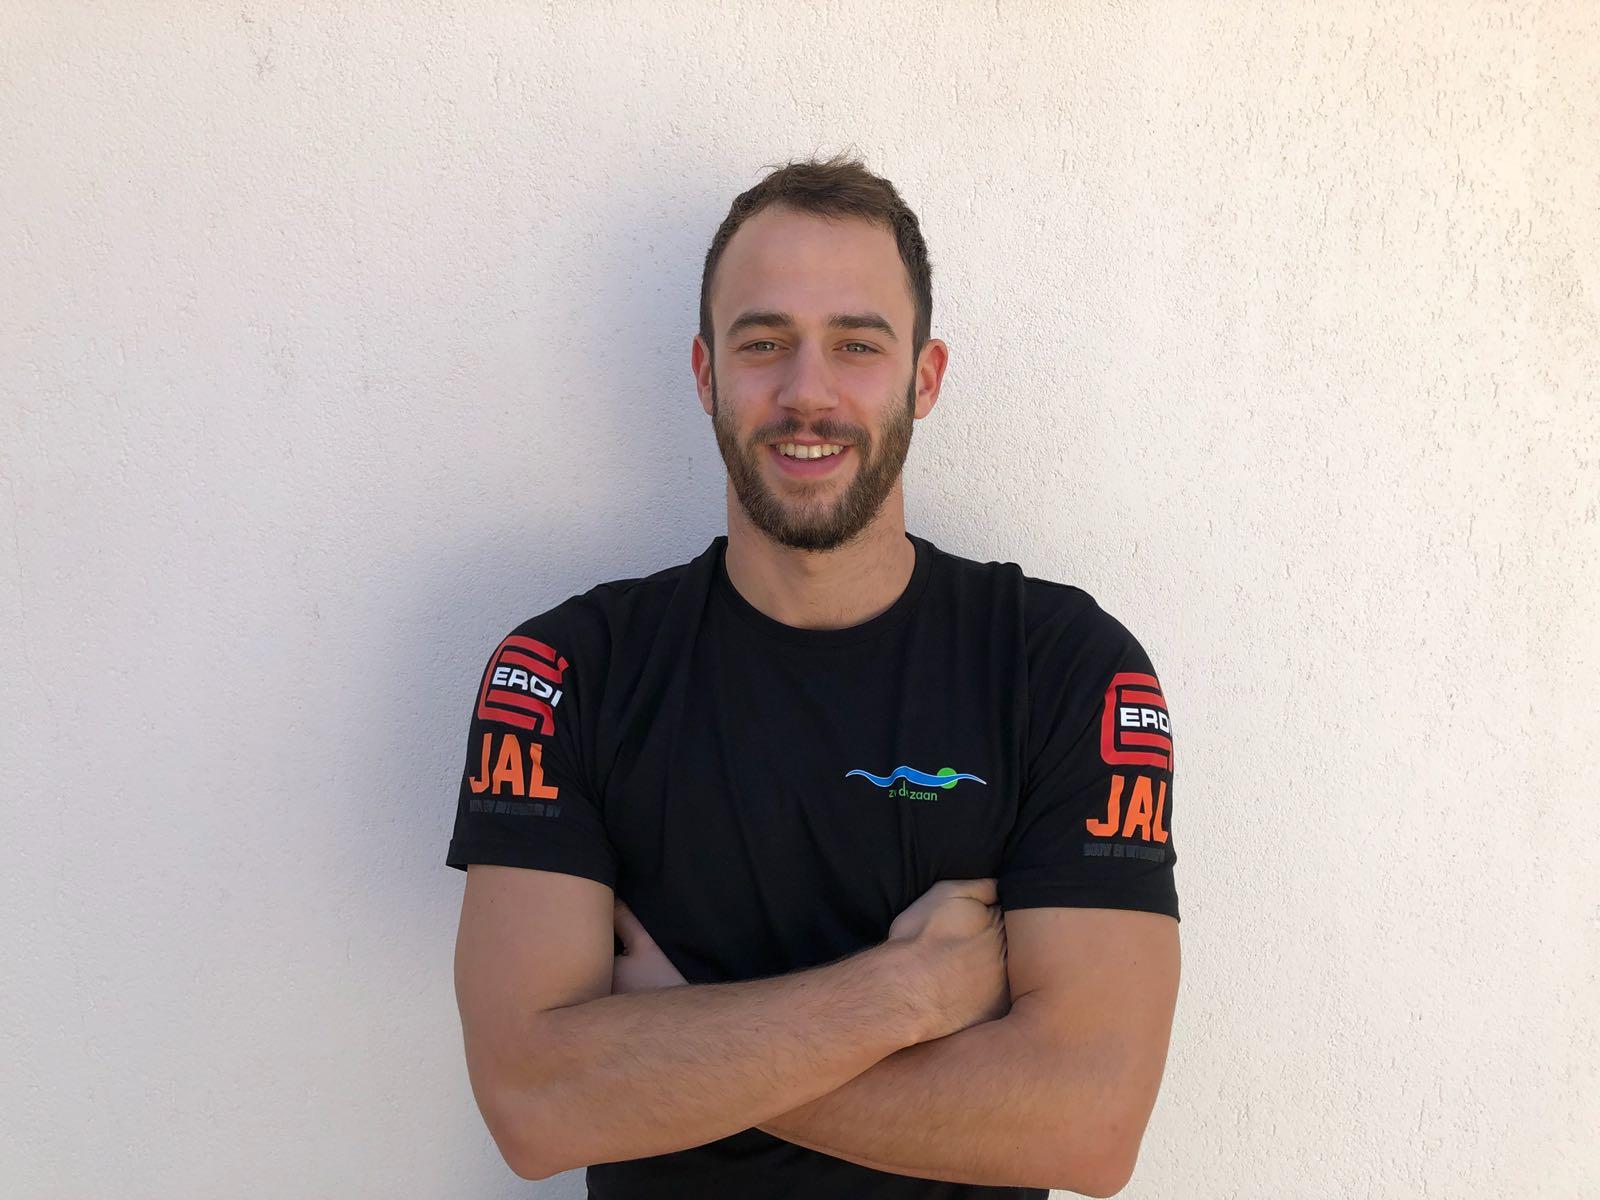 Ook Luka Jovanović aan herenselectie toegevoegd